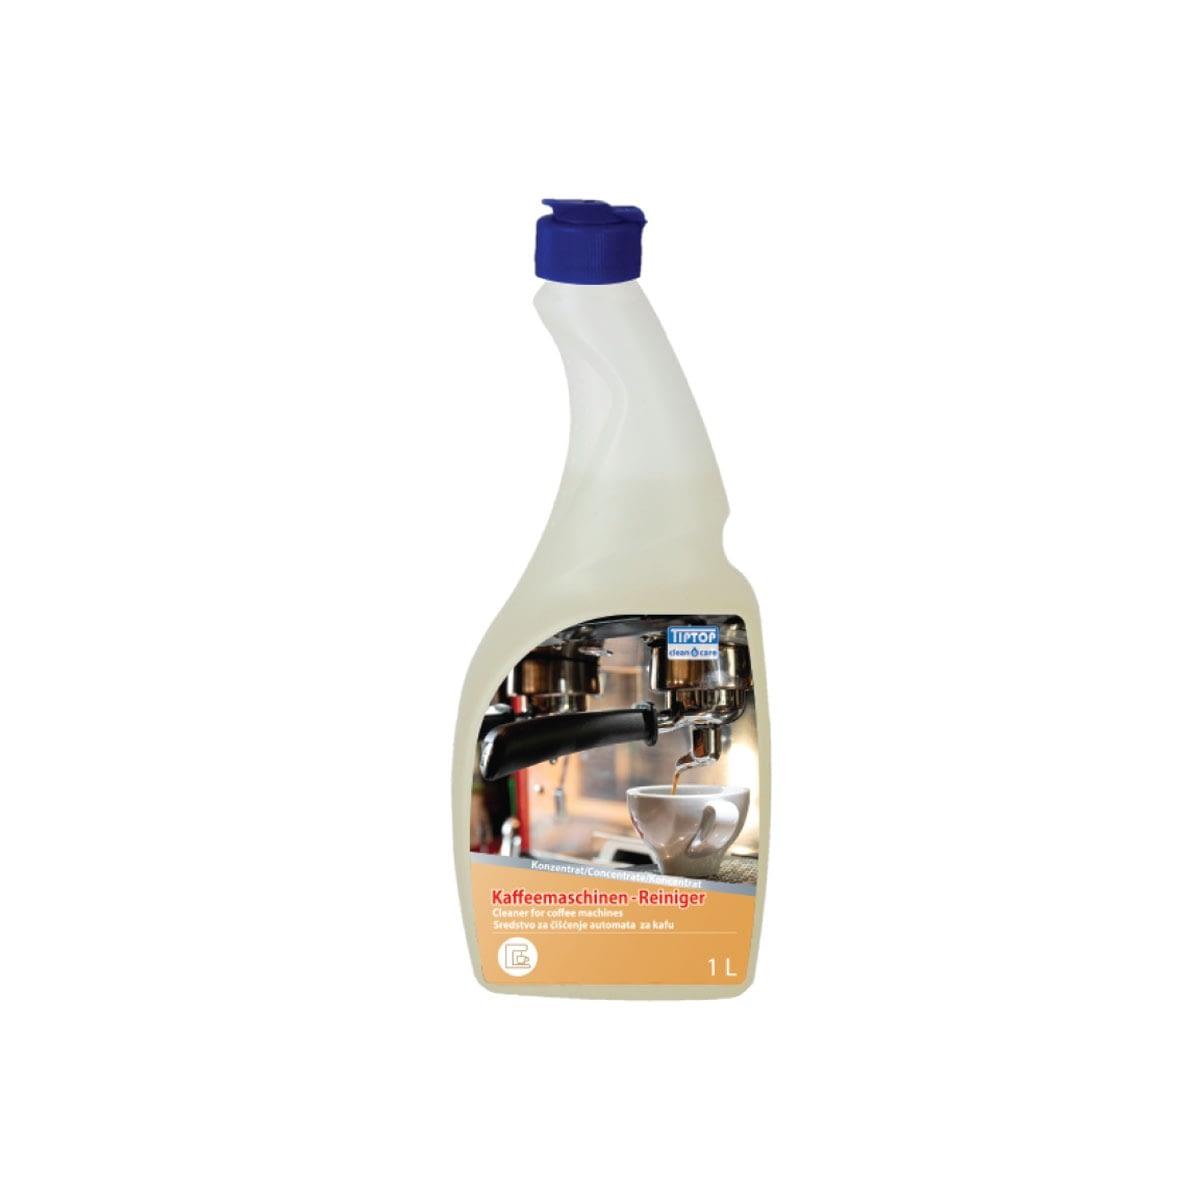 TTC Sredstvo za čišćenje aparata za kafu. Koncetrovano. 1L